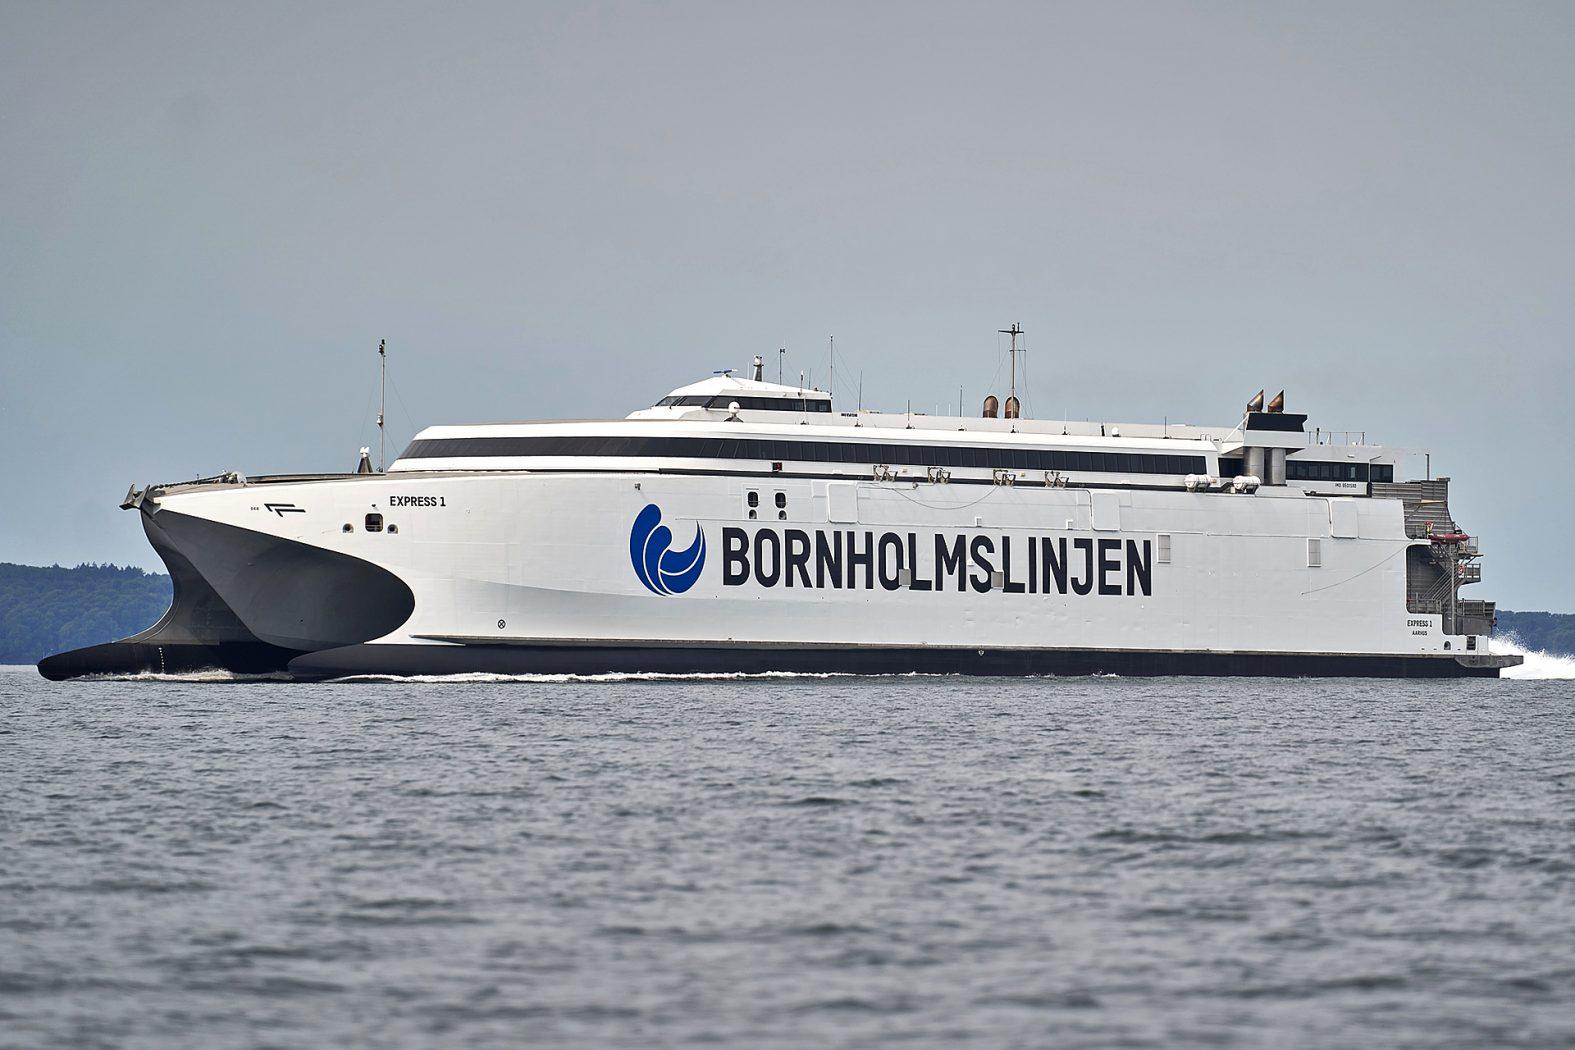 Mit der Fähre nach Bornholm